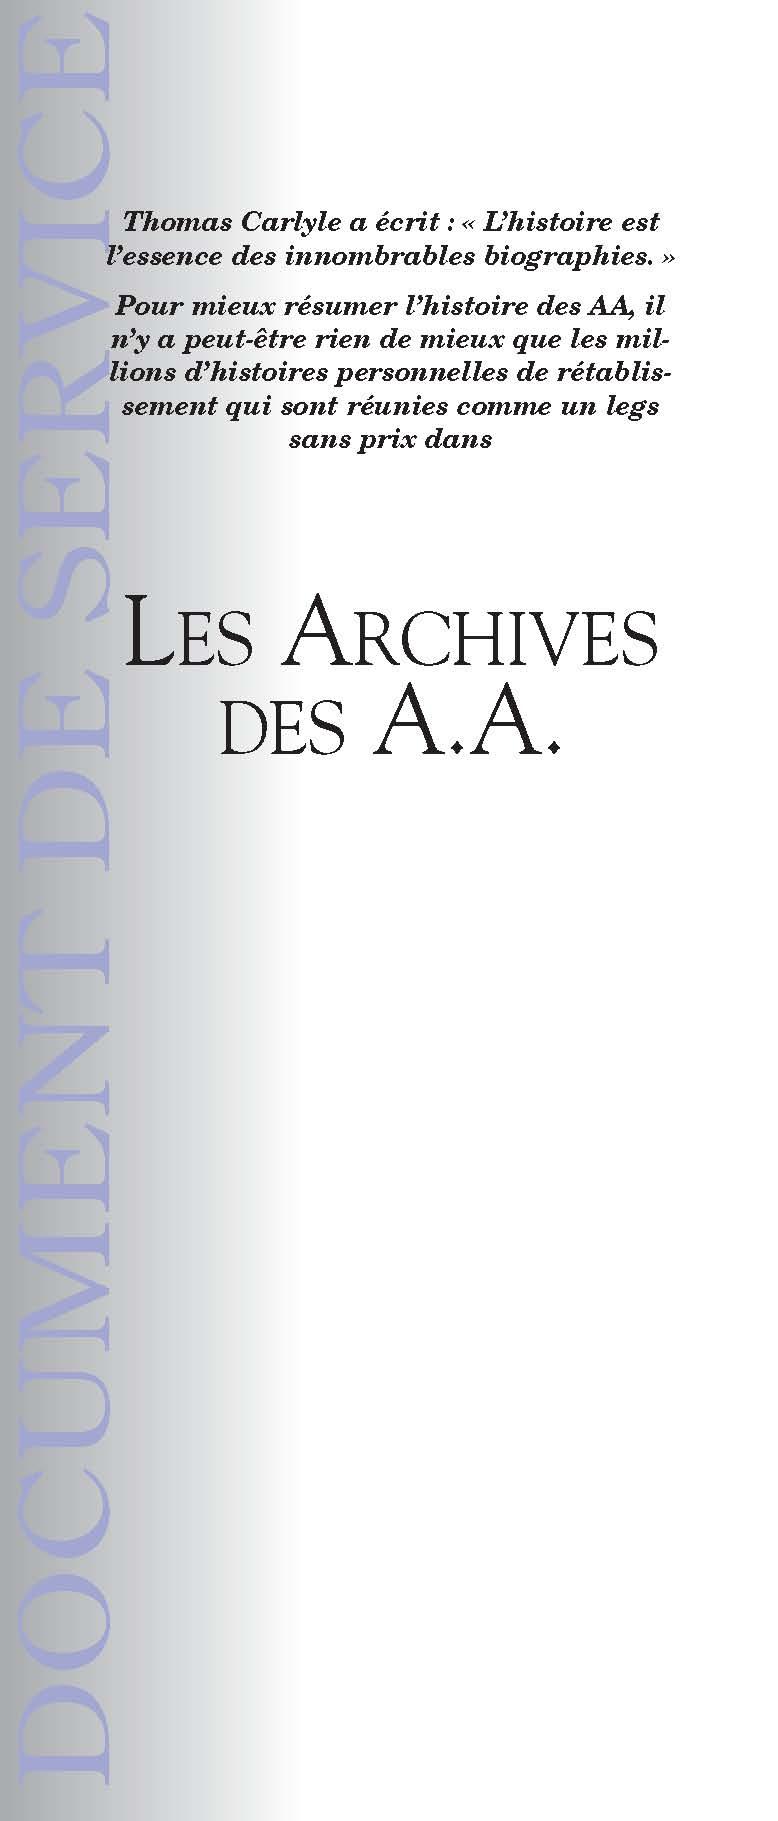 Les archives des AA ff-47 2011